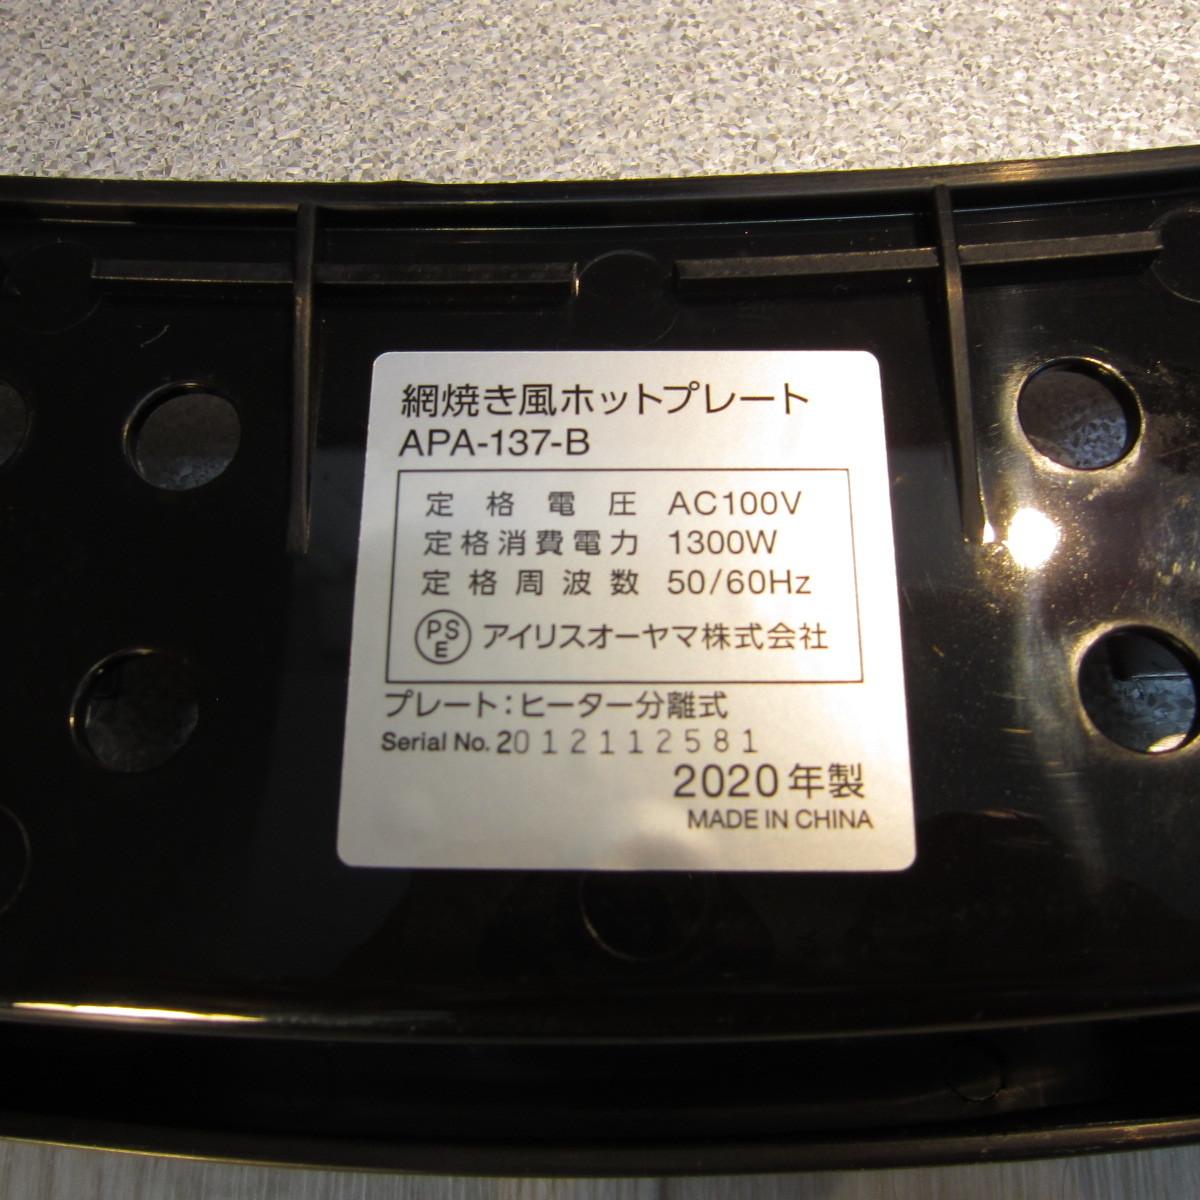 S6080【未使用】アイリスオーヤマ ホットプレート たこ焼き 焼肉 平面 プレート 3枚 網焼き 蓋付き ブラック APA-137-B_画像5